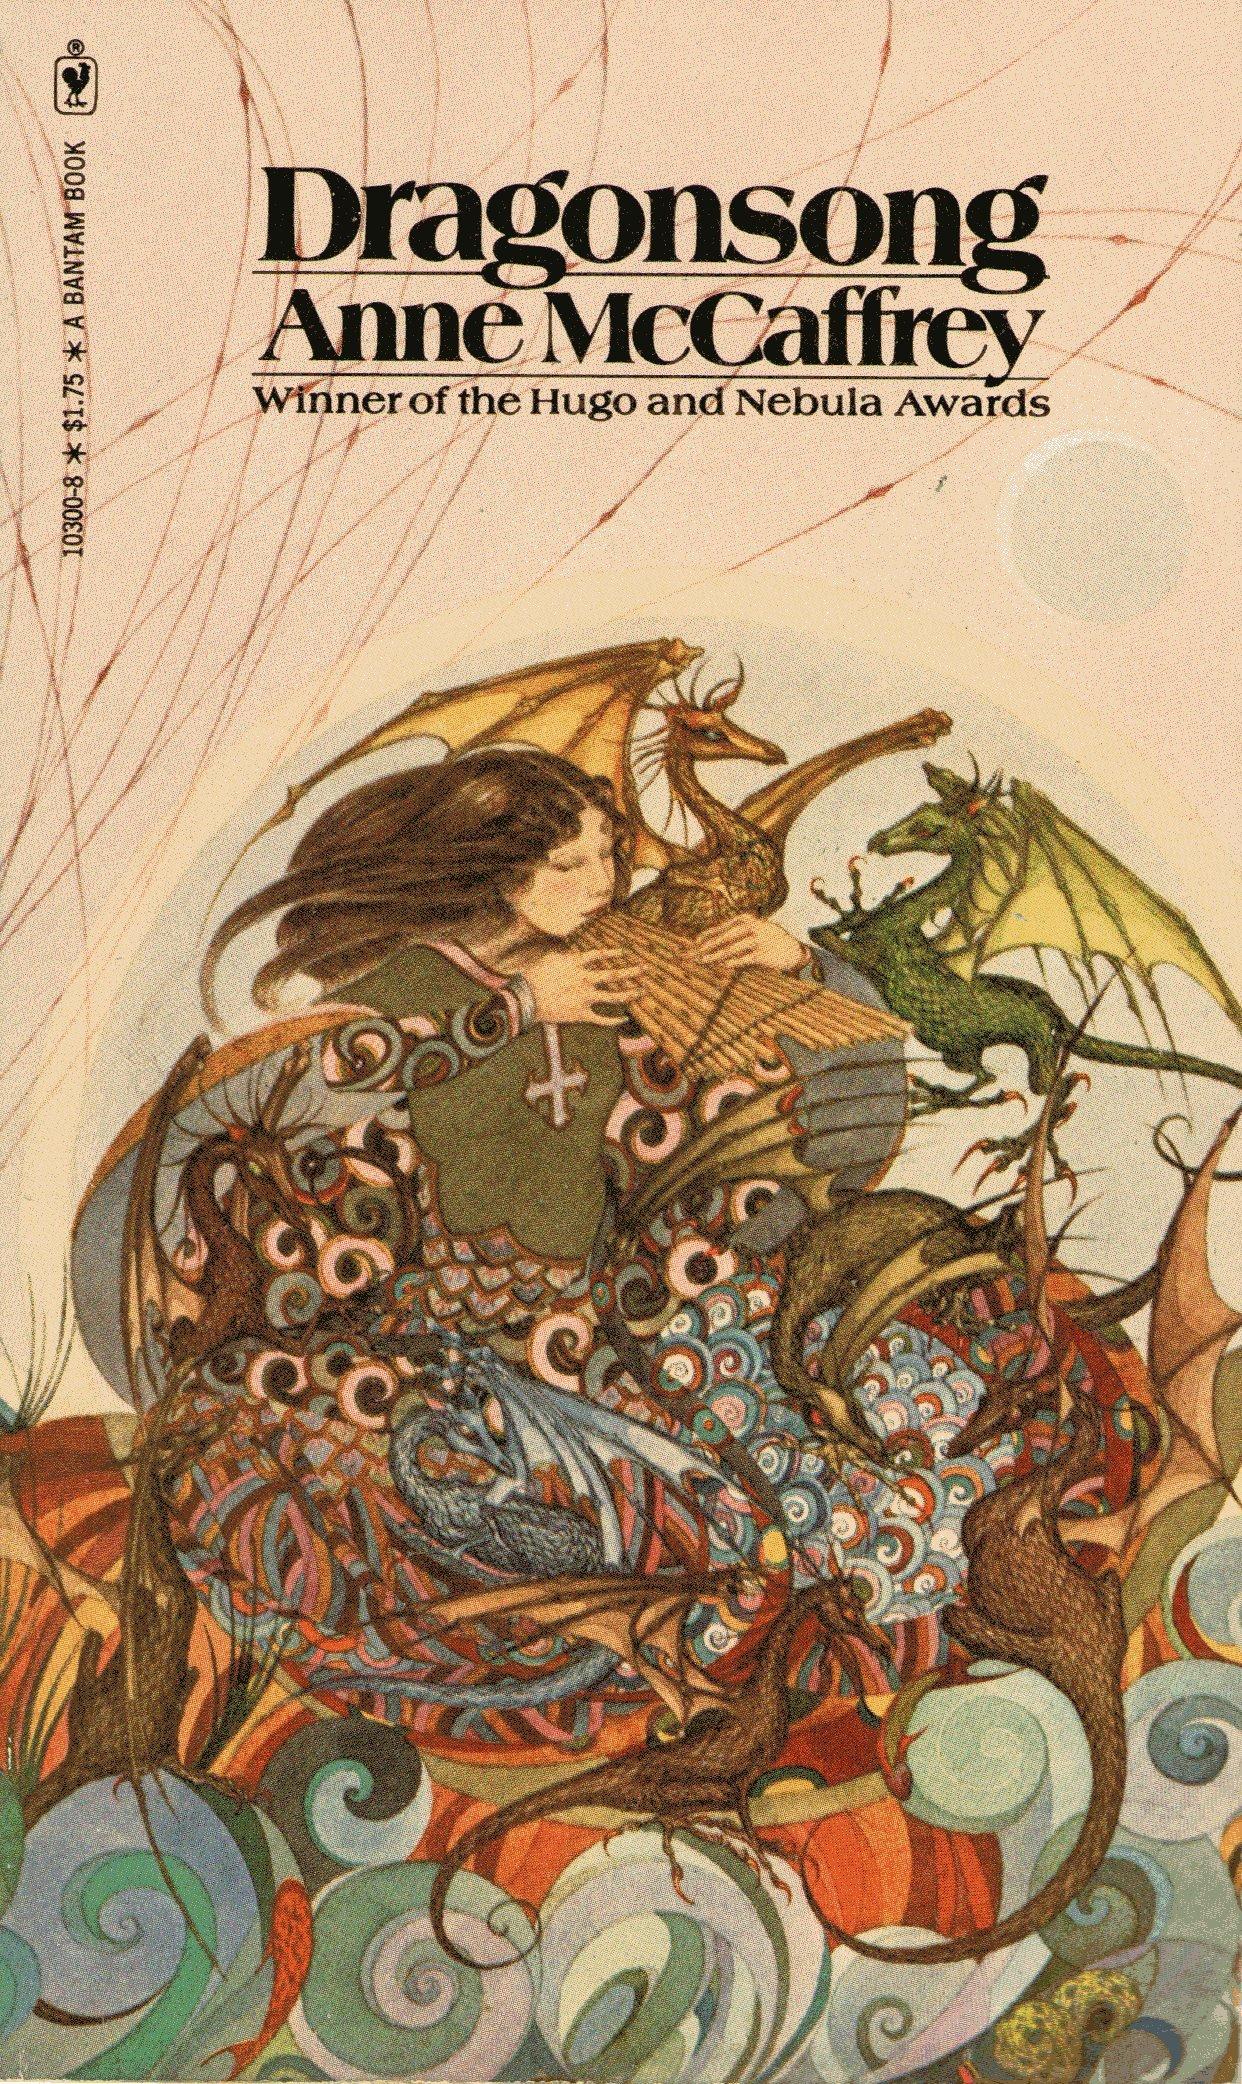 Dragonsong, Anne McCaffrey